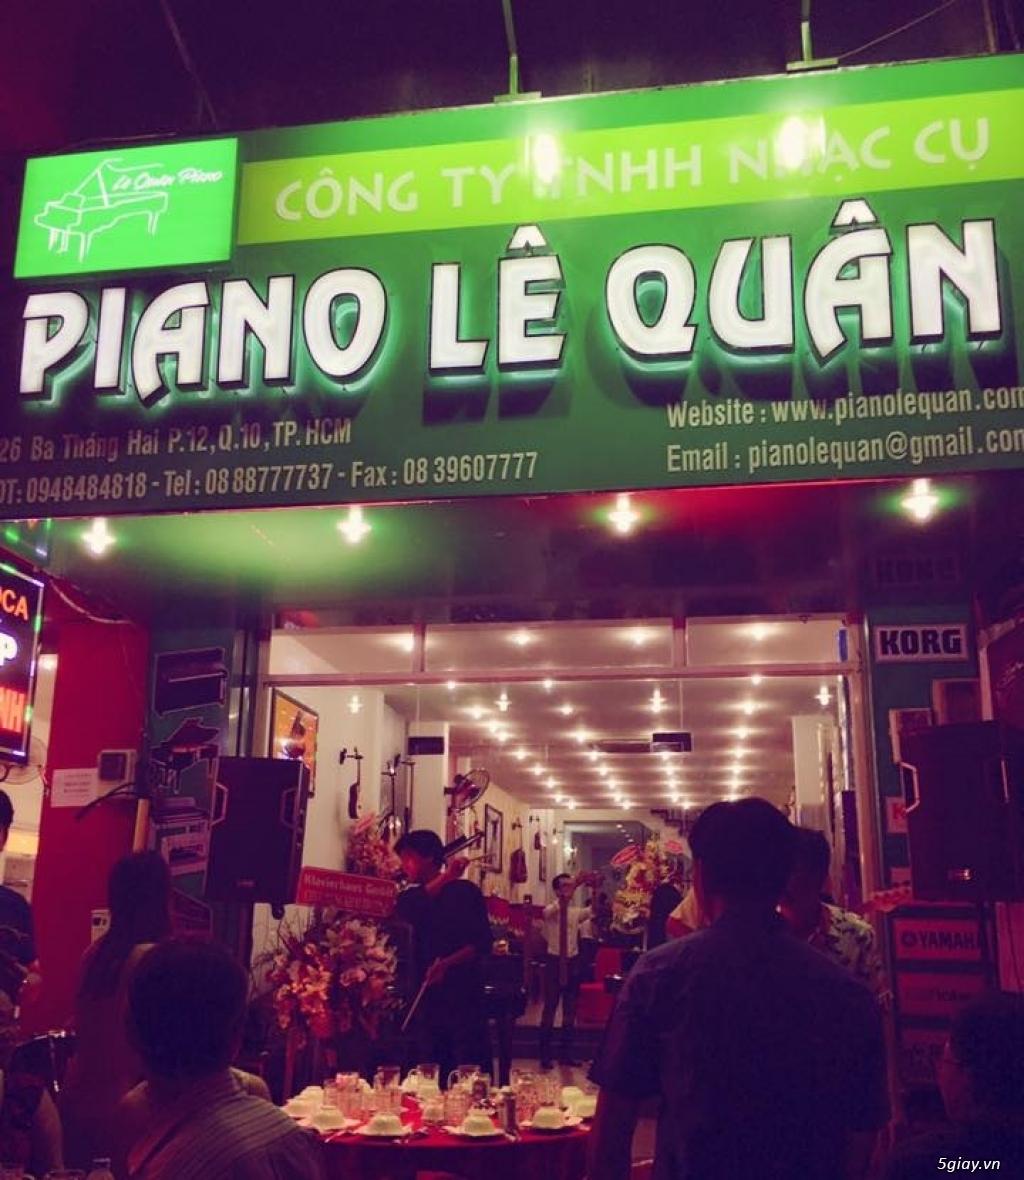 >>PIANOLEQUAN.COM>> CHUYÊN BÁN PIANO CƠ - ĐIỆN, ĐÀN NHÀ THỜ.ELECTONE NHẬP KHẨU TỪ Nhật Bản - 3